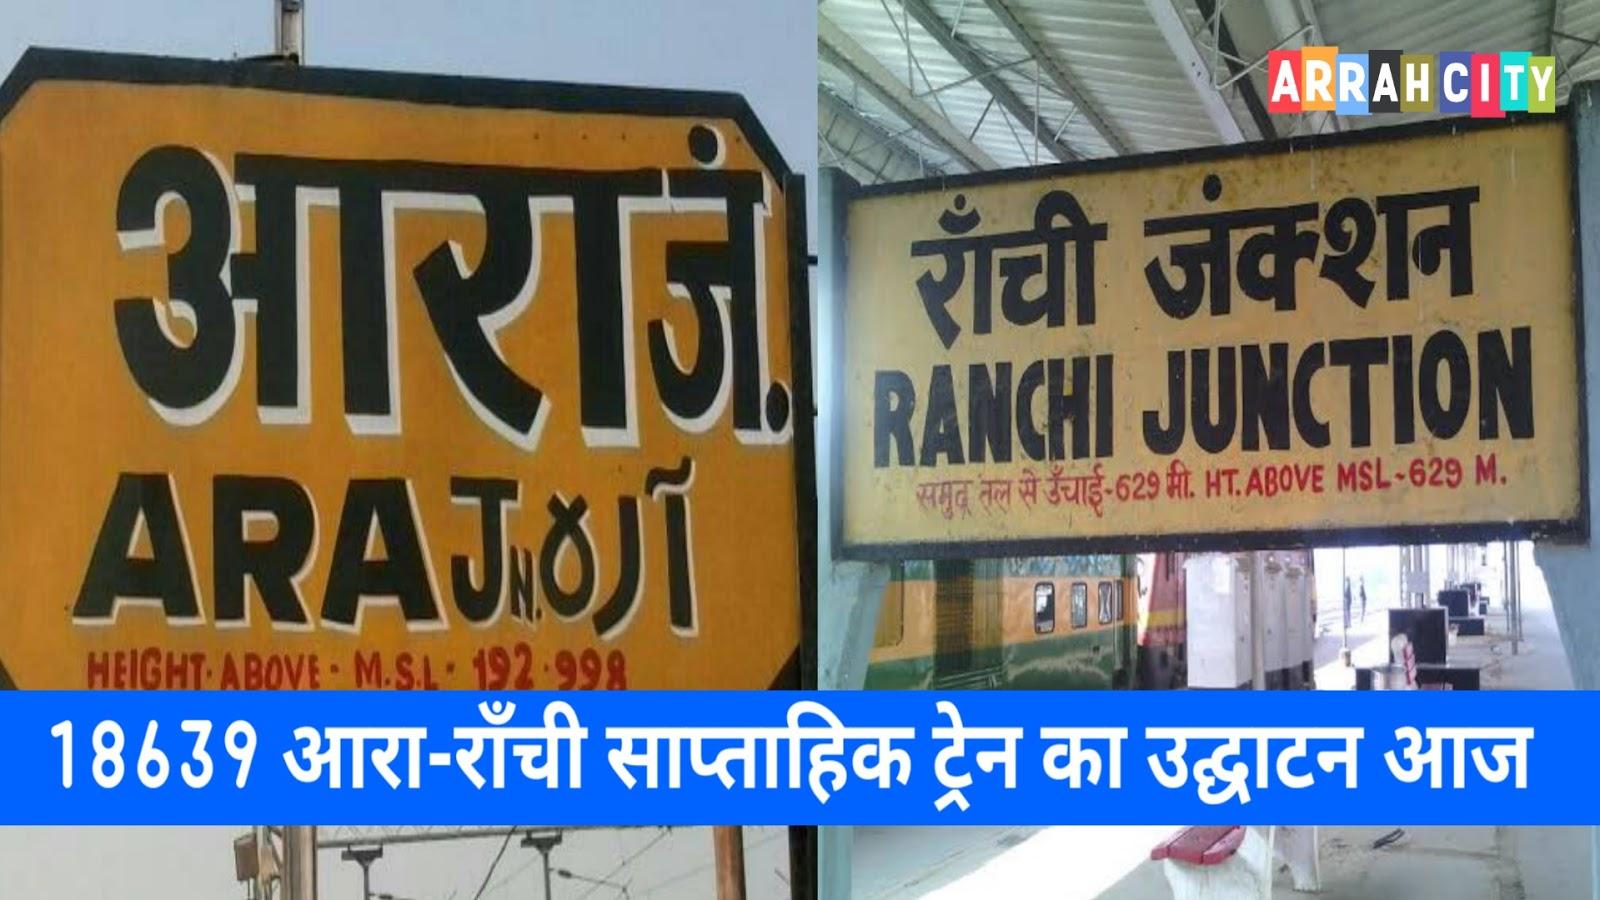 आरा-रांची के बीच साप्ताहिक ट्रेन का शुभारंभ आज, रेलमंत्री पियुष गोयल वीडियो लिंक द्वारा करेंगे उद्घाटन